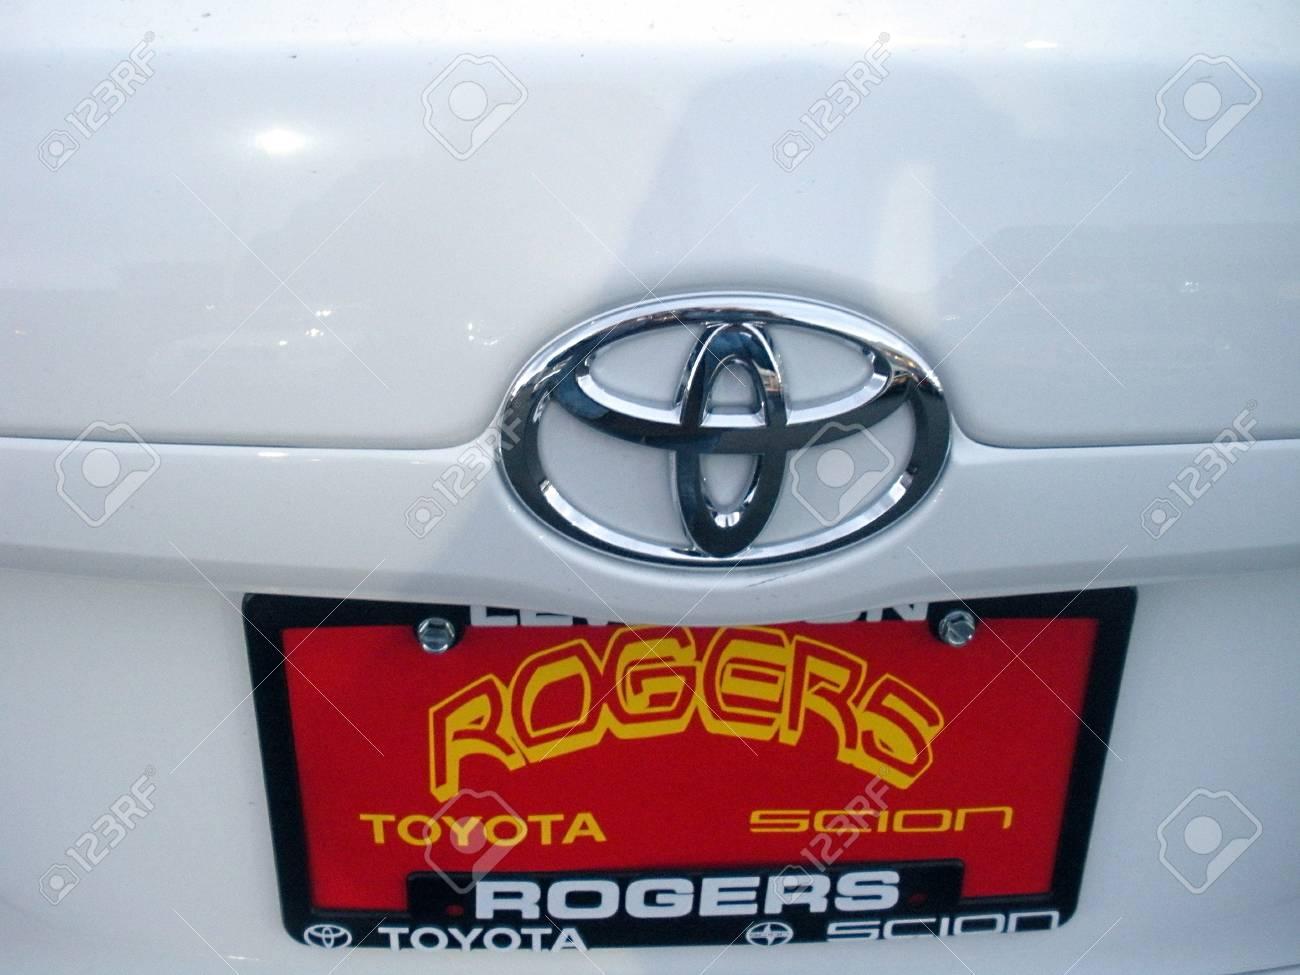 Rogers Toyota Lewiston >> Lewiston Idaho Usa Toyota Auto Dealer 9 March 2011